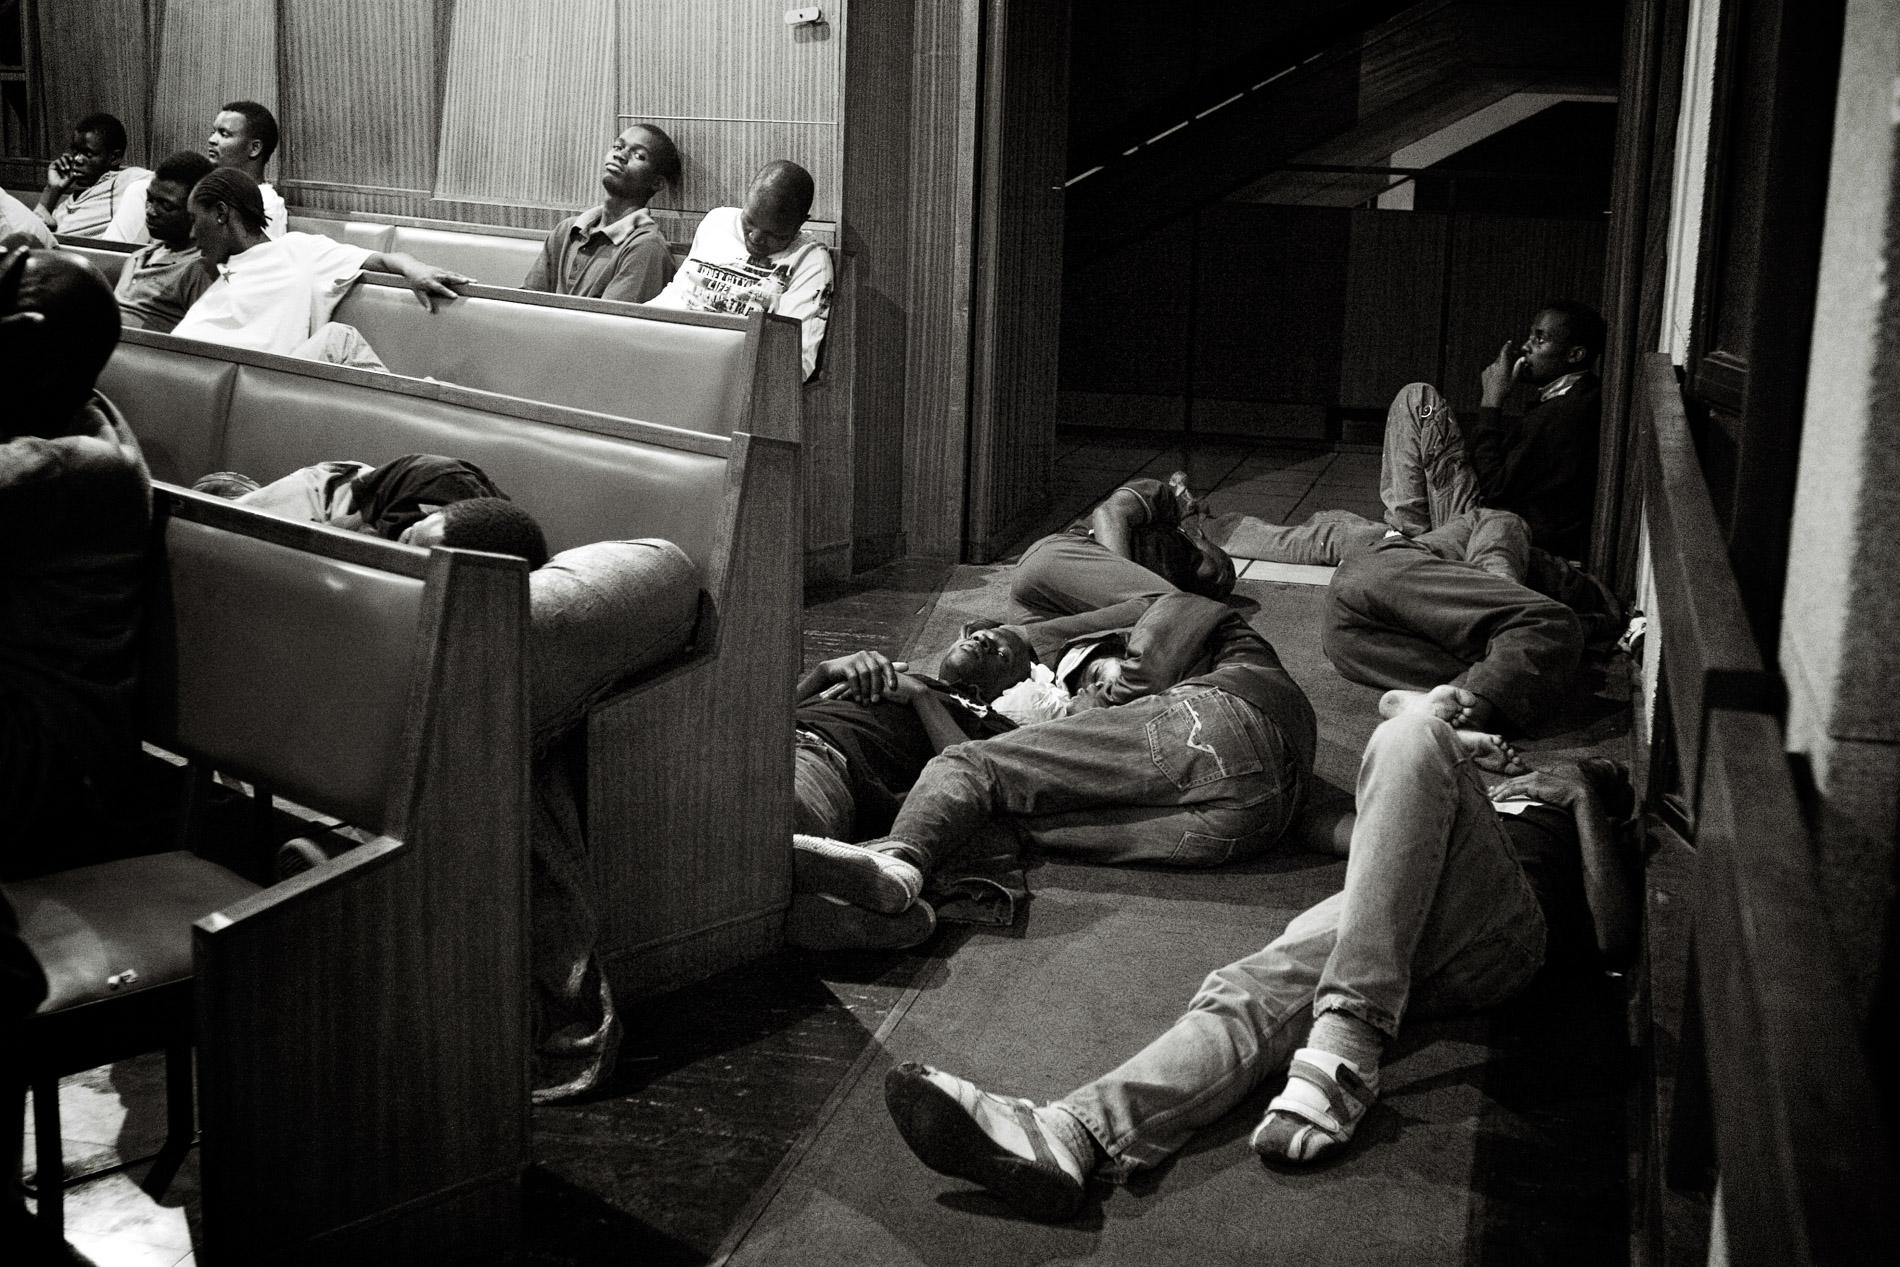 Des réfugiés qui doivent dormir à même le sol de l'église.